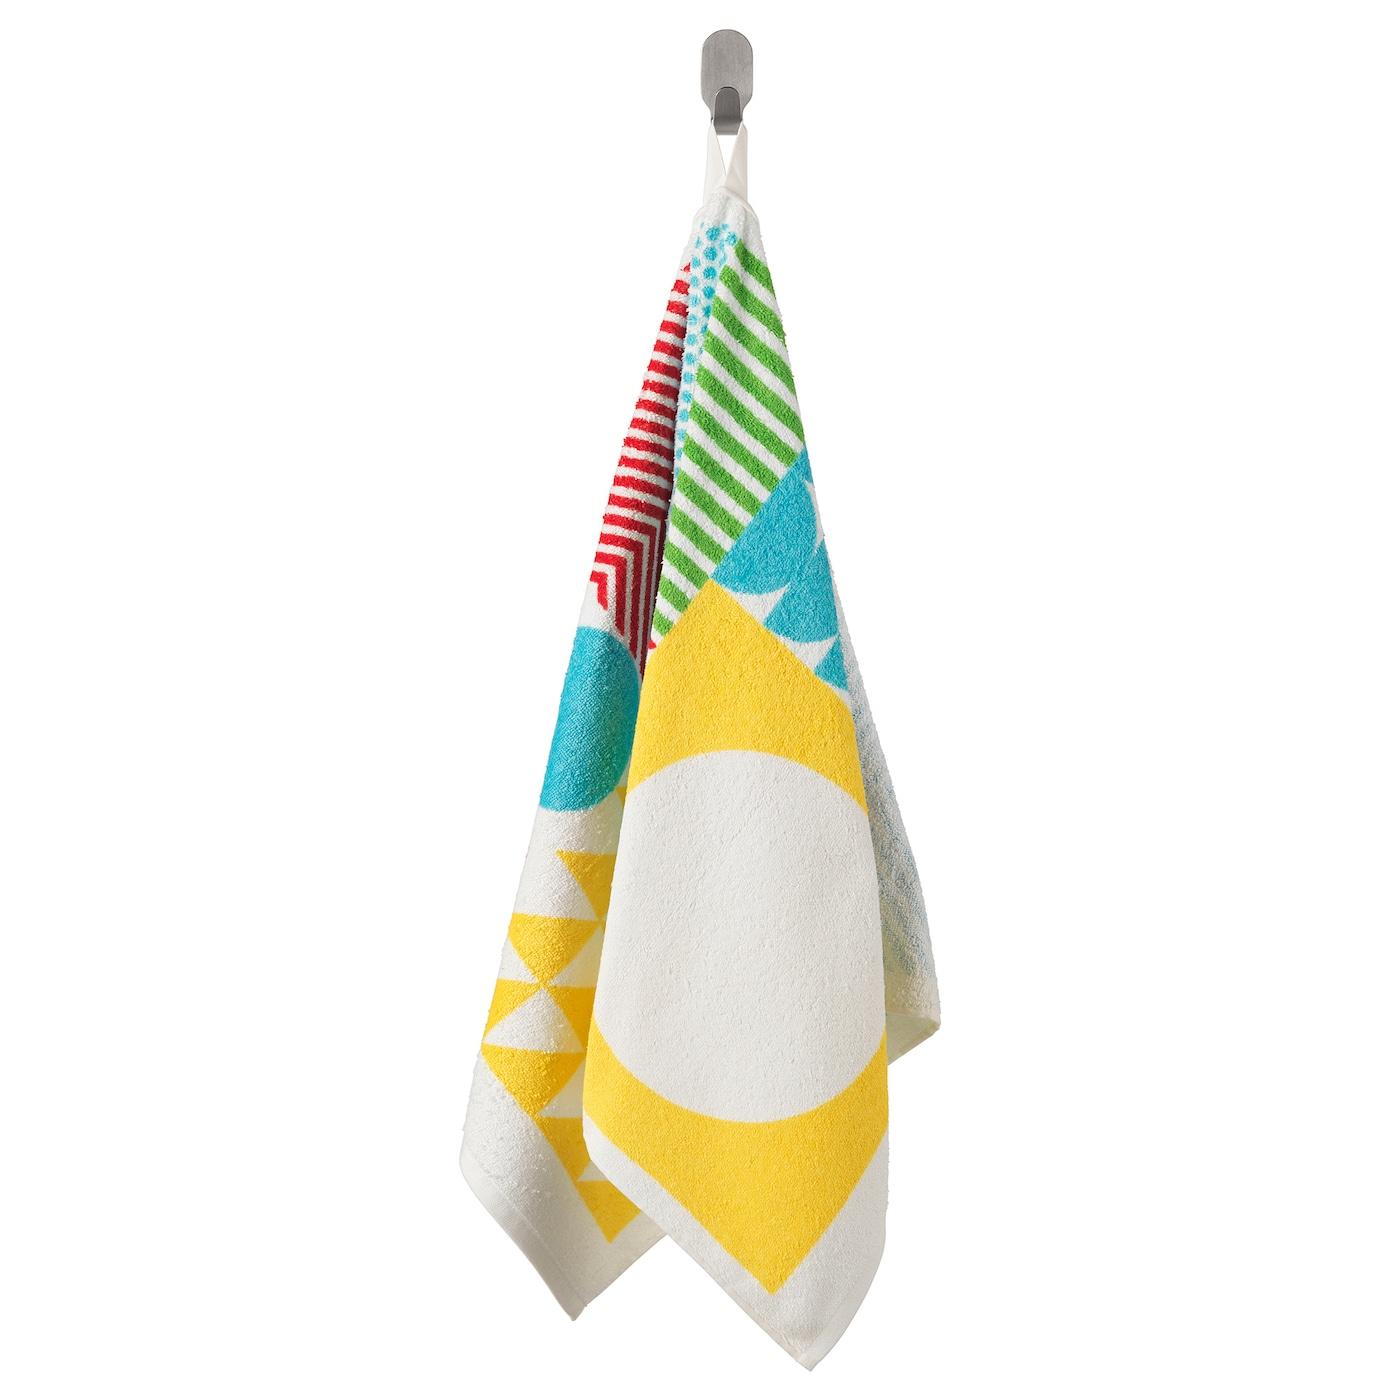 Nimmern toalla de mano multicolor 50 x 100 cm ikea - Toallas de bano ikea ...